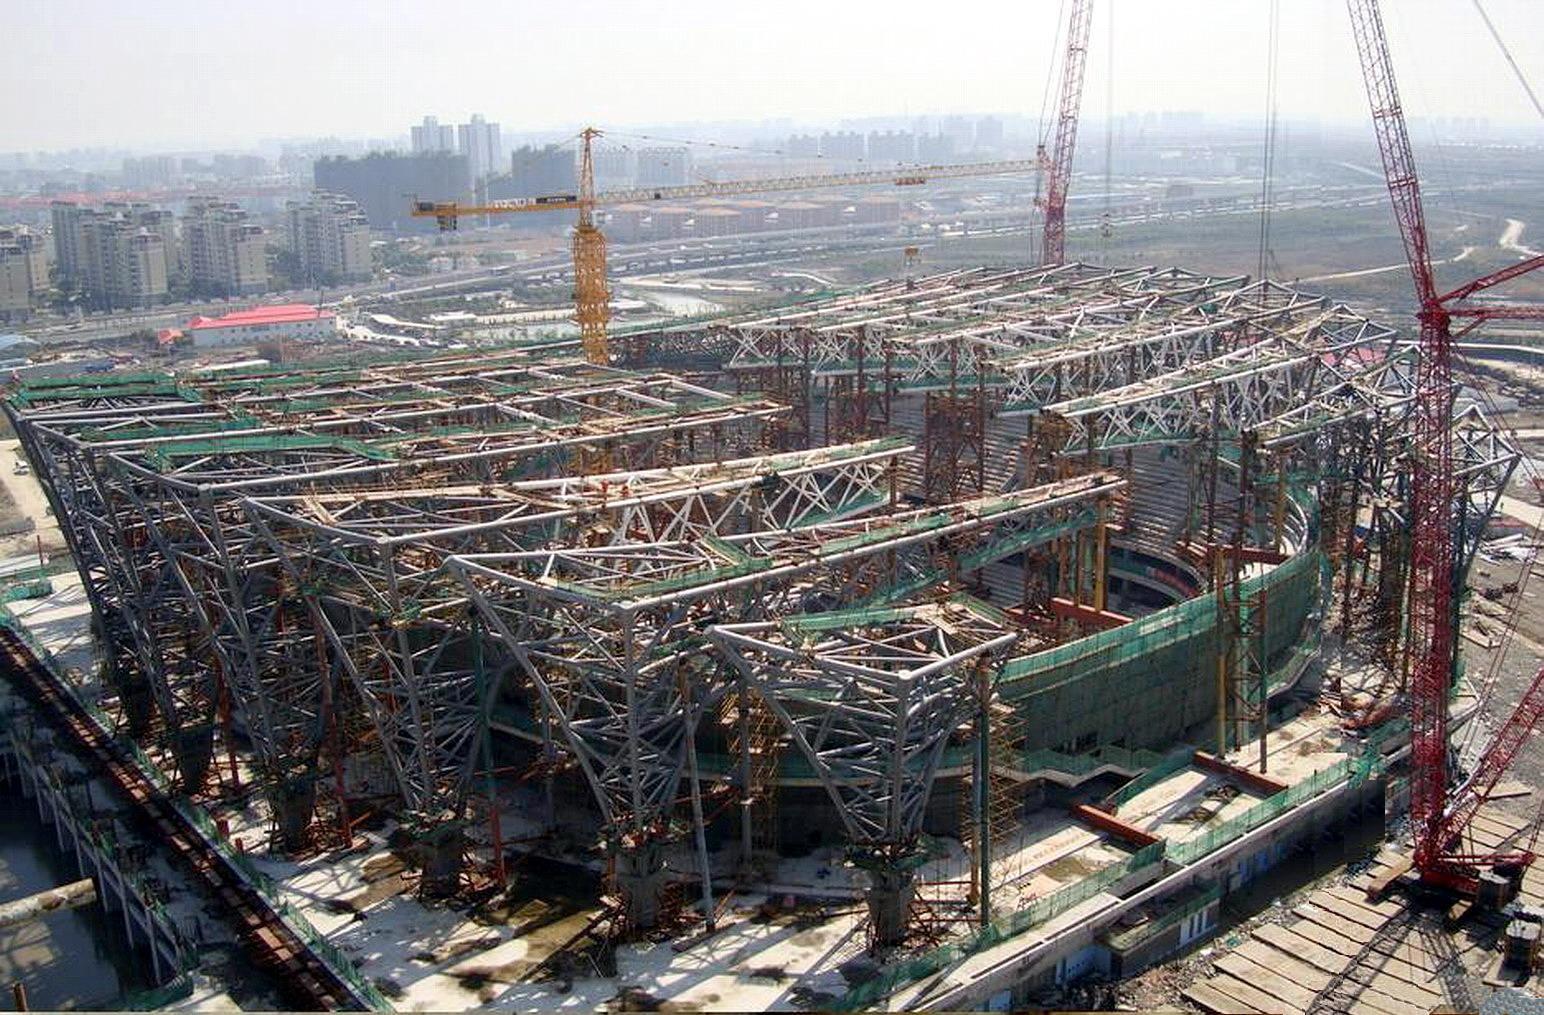 宝钢钢构有限公司(原上海冠达尔钢结构有限公司)是一家宝钢全资投资的,集钢结构设计、制造、安装为一体的专业化企业。 公司具有国家建设部颁发的钢结构工程专业承包一级资质证书,钢结构工程专项设计甲级资质,是国内钢结构行业中首批通过(ISO9000)质量管理体系认证和环境/职业健康安全体系认证的企业,也是国内首批被中国钢结构协会评定为钢结构制造特级企业,持有美国钢结构协会(AISC)认证证书、加拿大焊接局(CSA)认证证书,是美国焊接协会(AWS)的会员单位。 近年来,公司在承制上海环球金融中心、中央电视台新台址